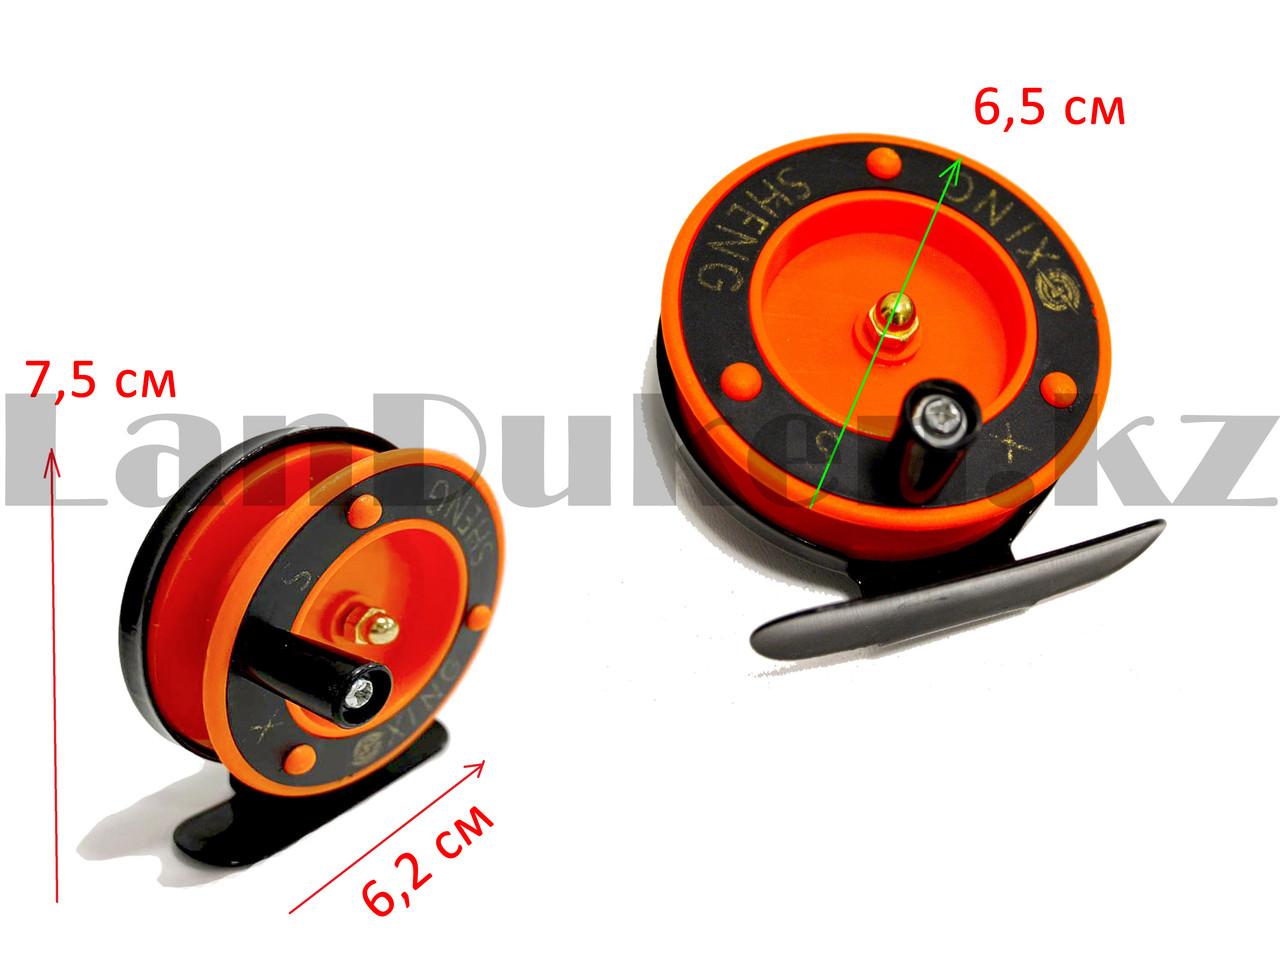 Инерционная катушка для удочки металлическая оранжевая - фото 3